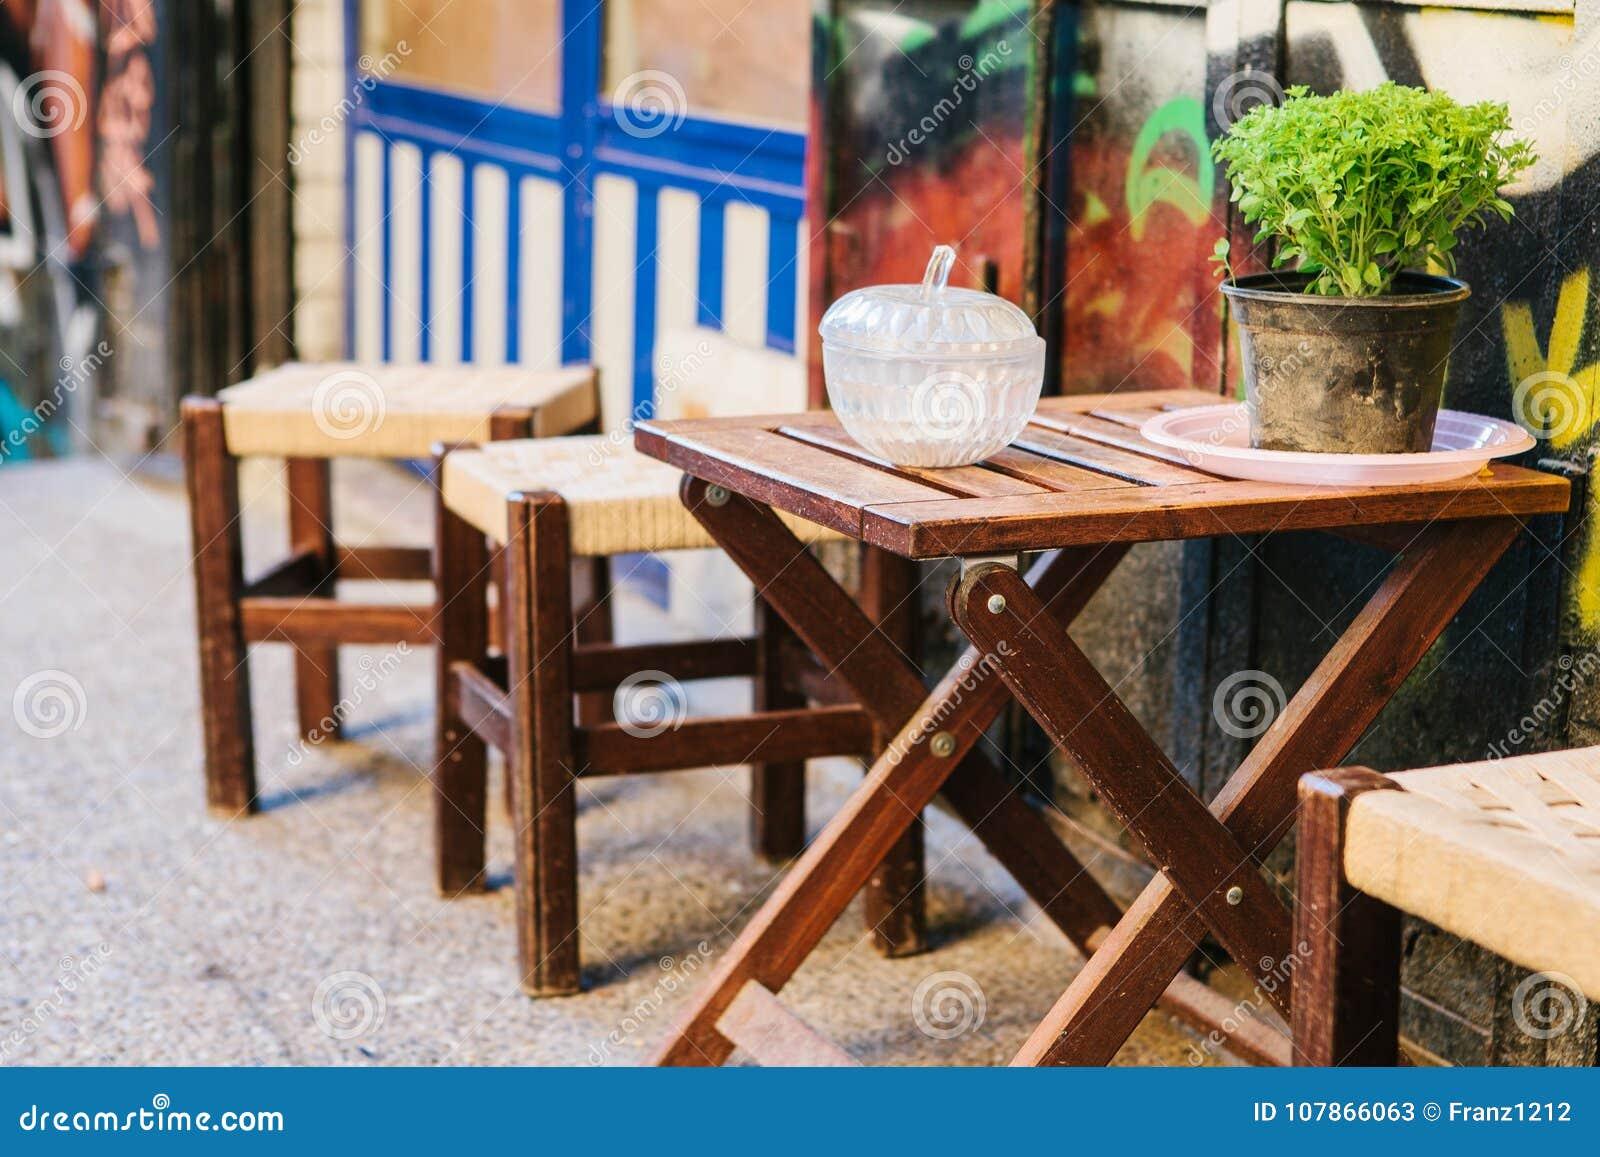 Sthle zu holztisch finest esstisch sthle wei einzigartig for Holztisch gunstig